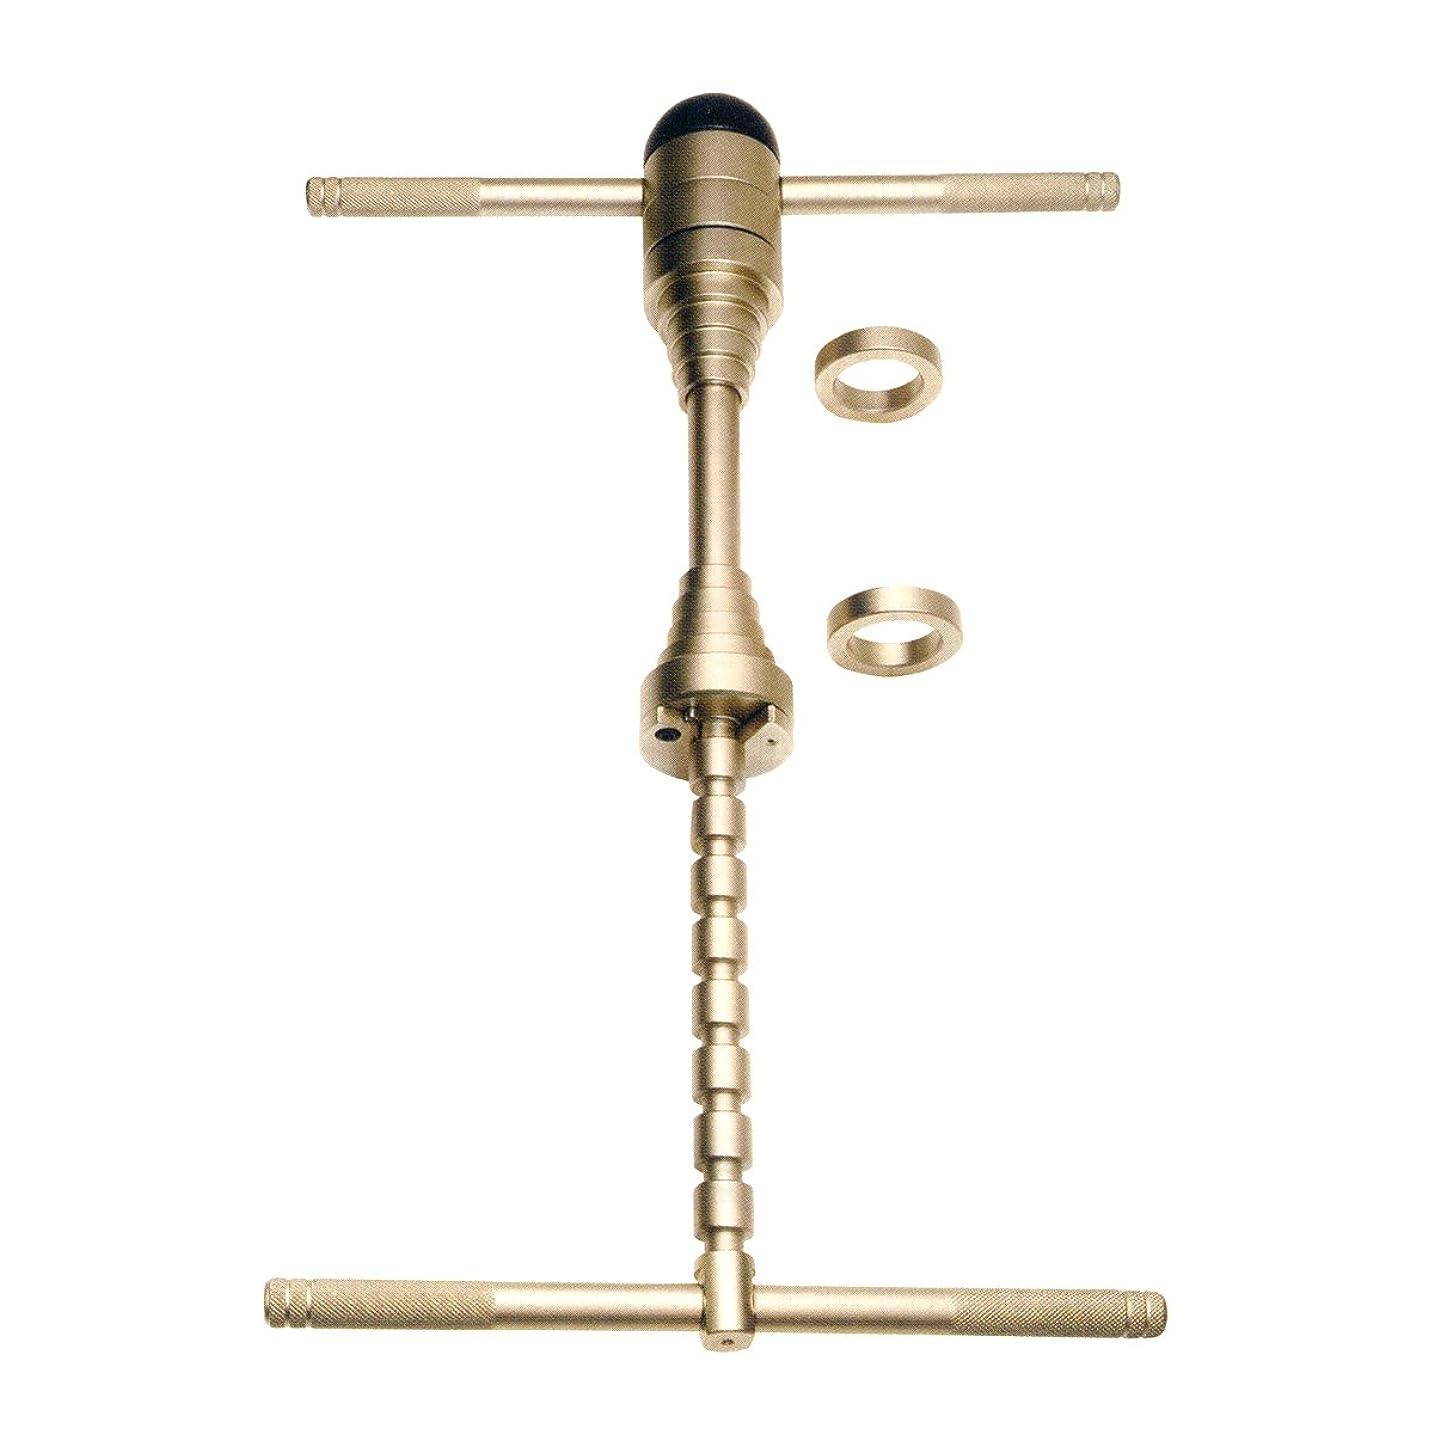 建てる正規化と闘うGIZA PRODUCTS(ギザプロダクツ) SC-913 ヘッドワン 圧入 ツール